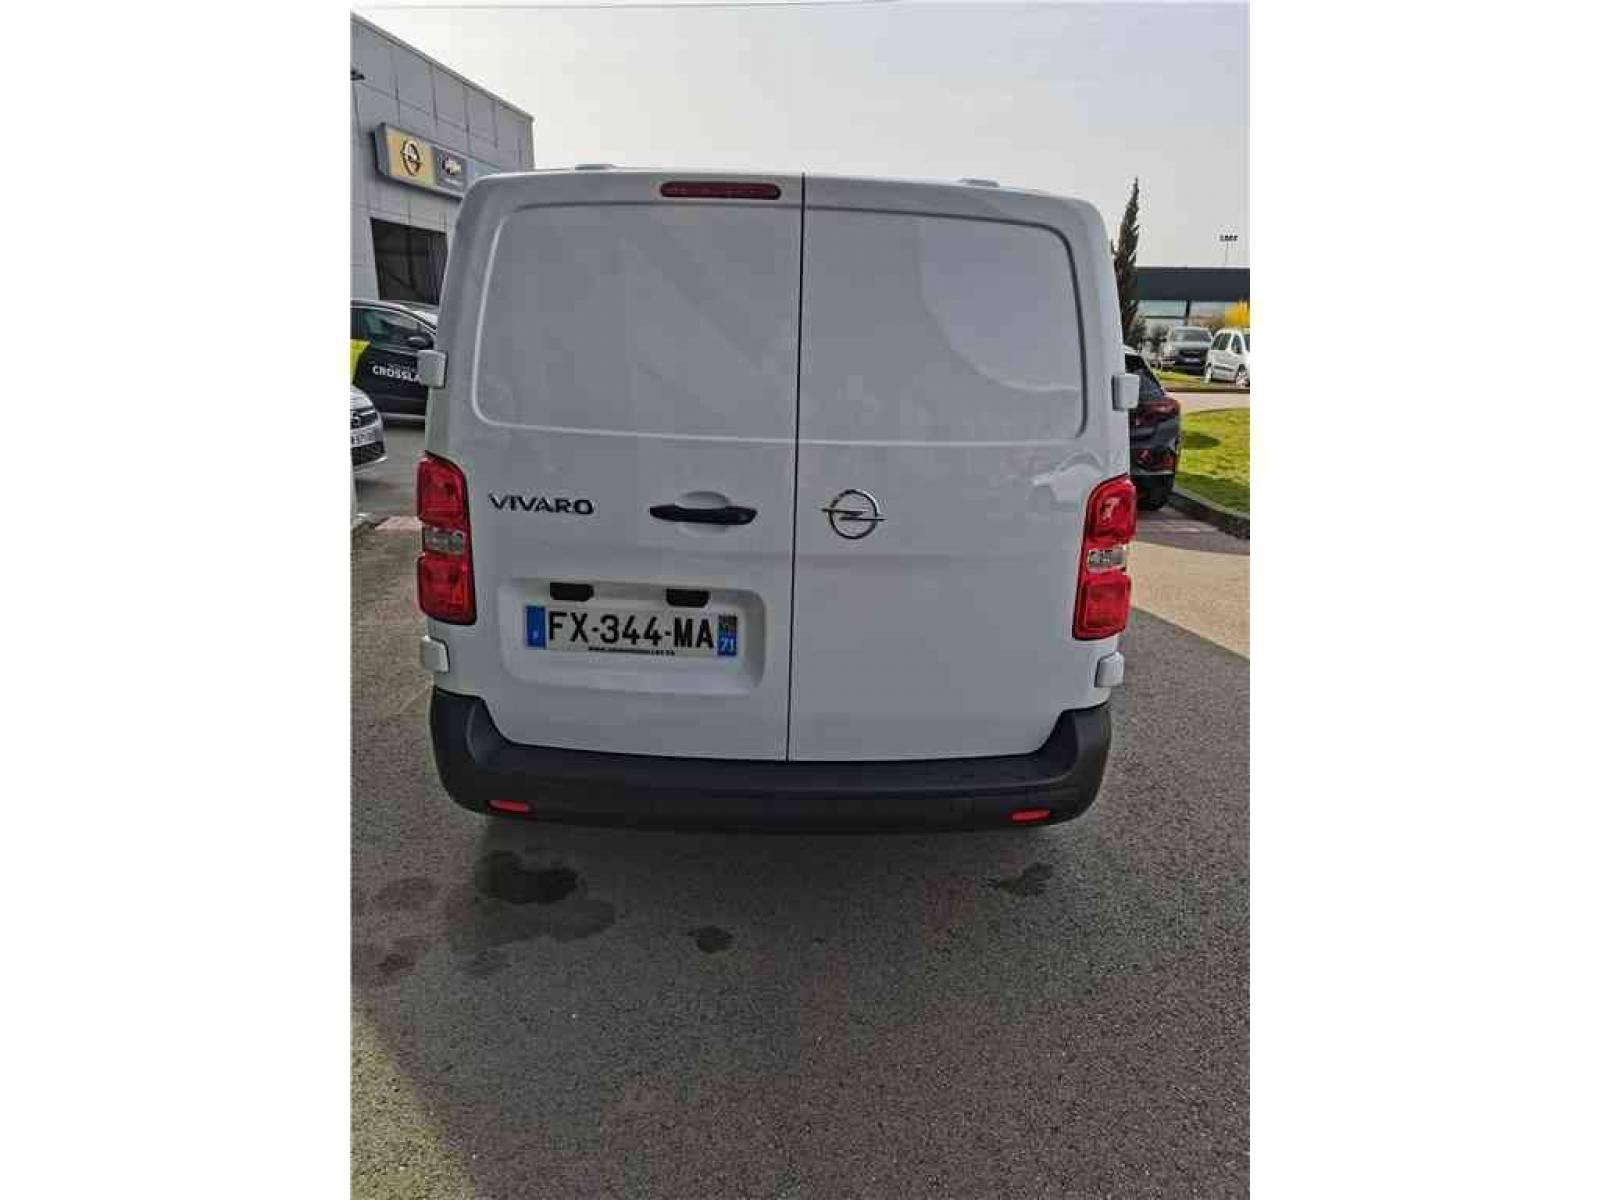 OPEL VIVARO FGN L2 1.5 DIESEL 120 CH - véhicule d'occasion - Groupe Guillet - Opel Magicauto - Chalon-sur-Saône - 71380 - Saint-Marcel - 31